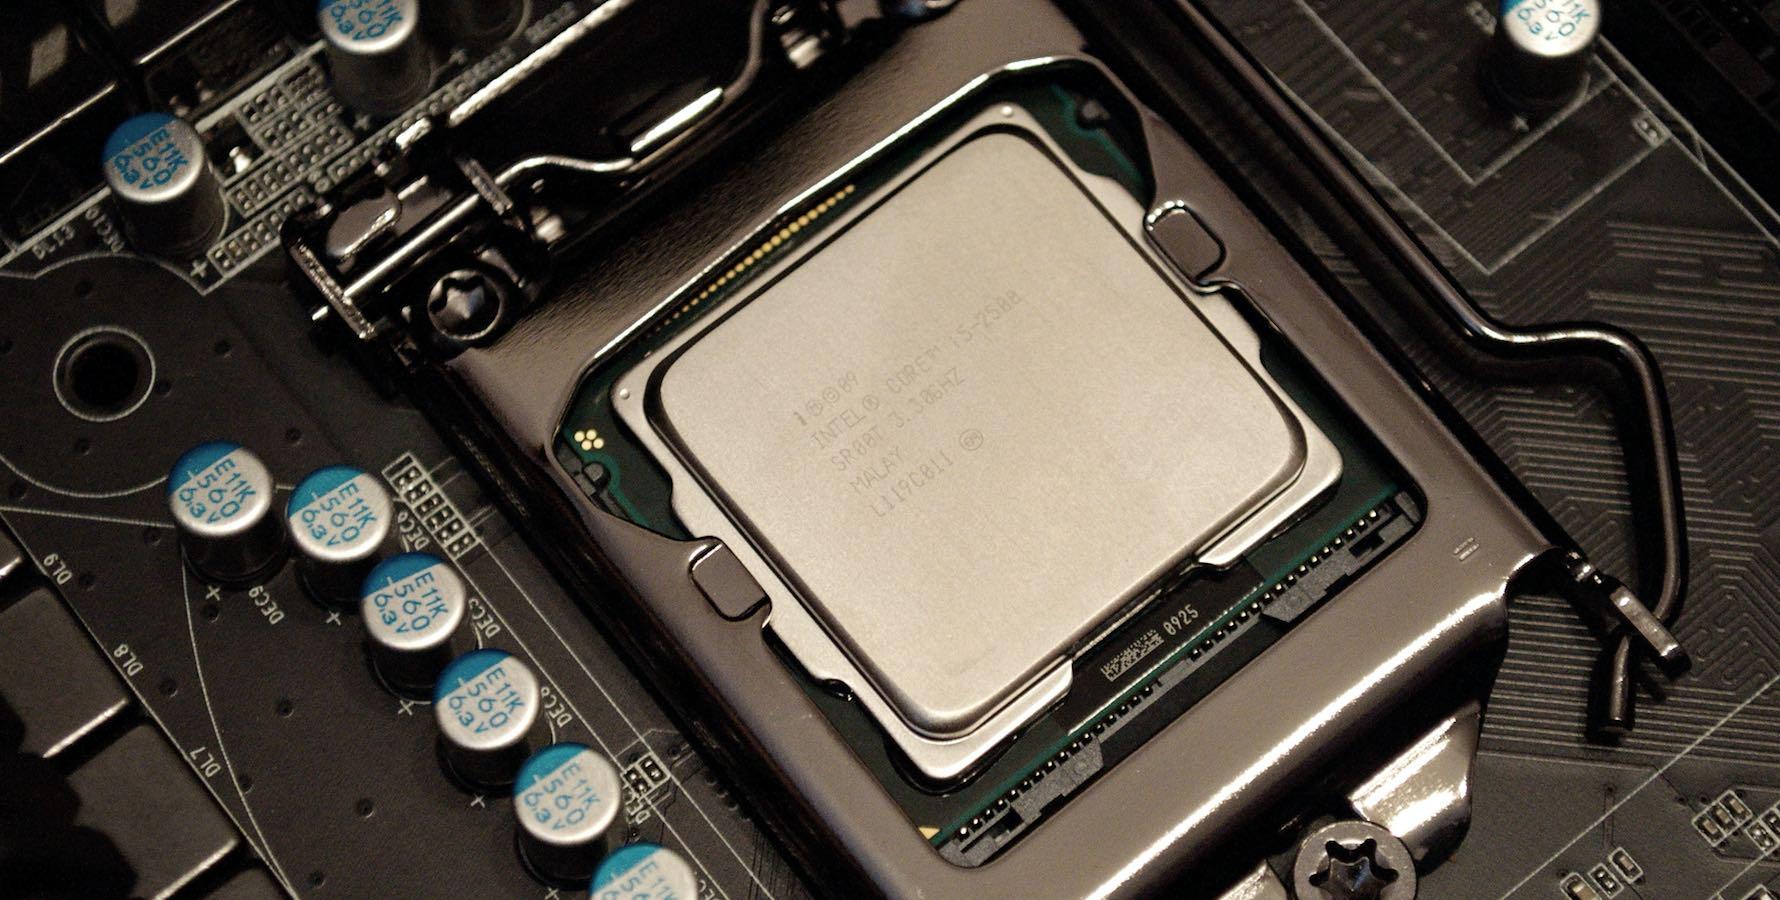 Mehrkern-CPUS gehören zu den unverzichtbaren WordPress Voraussetzungen